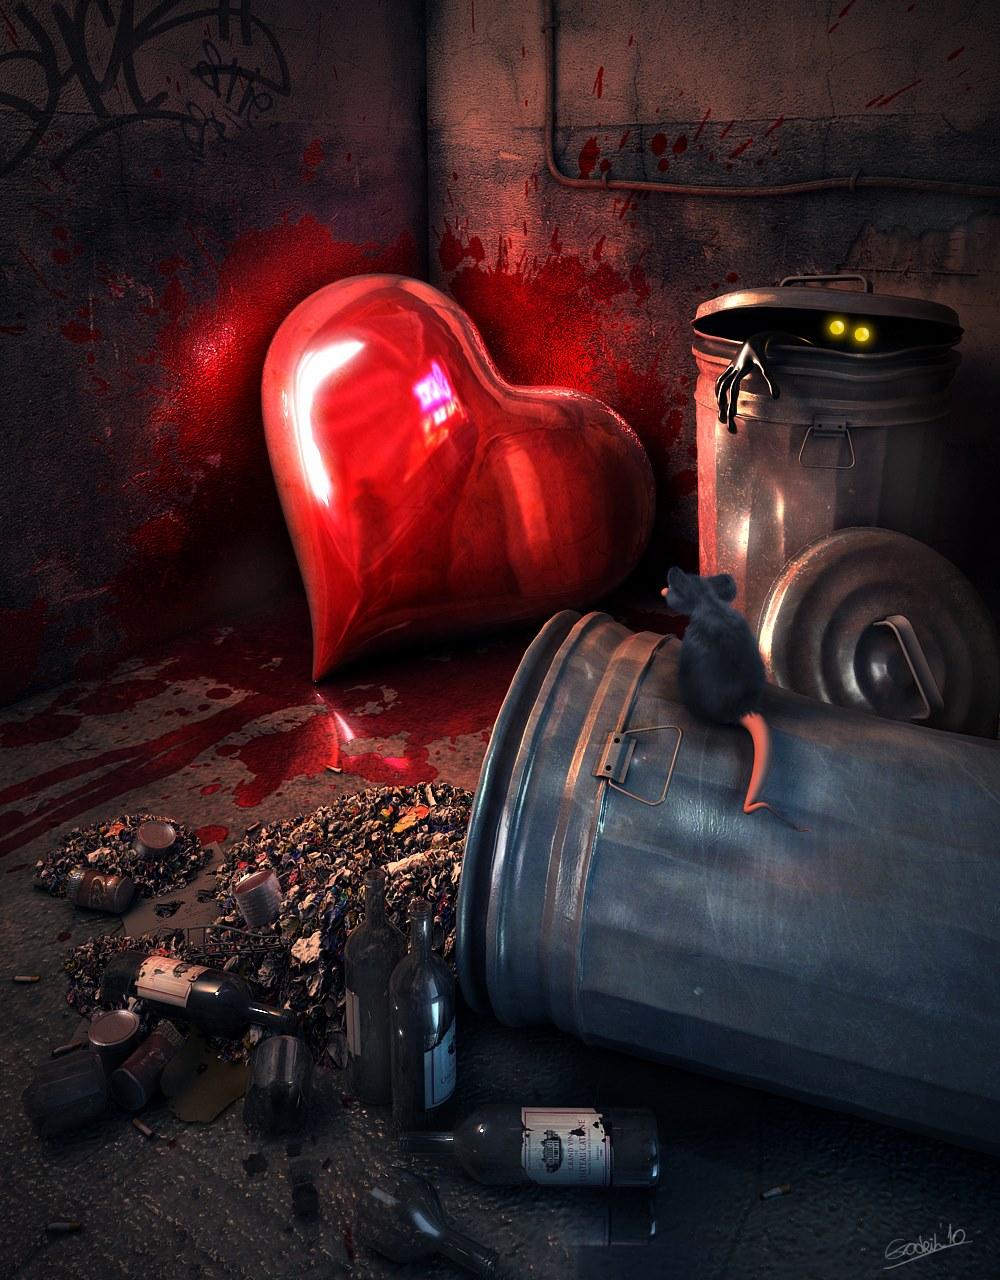 grafika: Krzysztof Pysz, one2.com.pl, dzięki uprzejmości autora